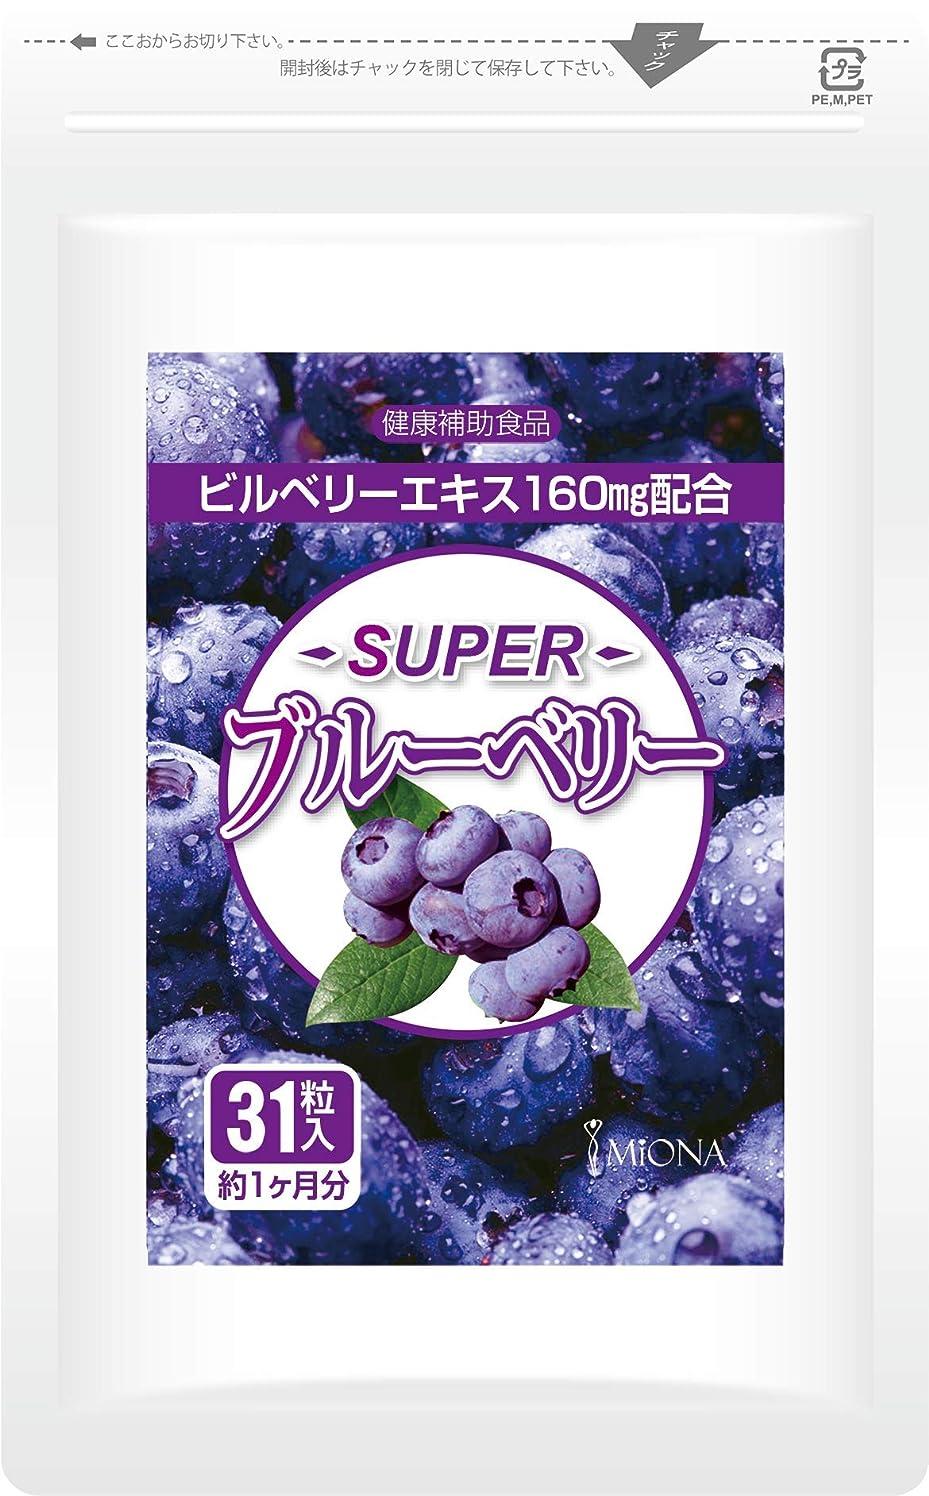 旋律的アダルト好色なスーパーブルーベリー 31粒